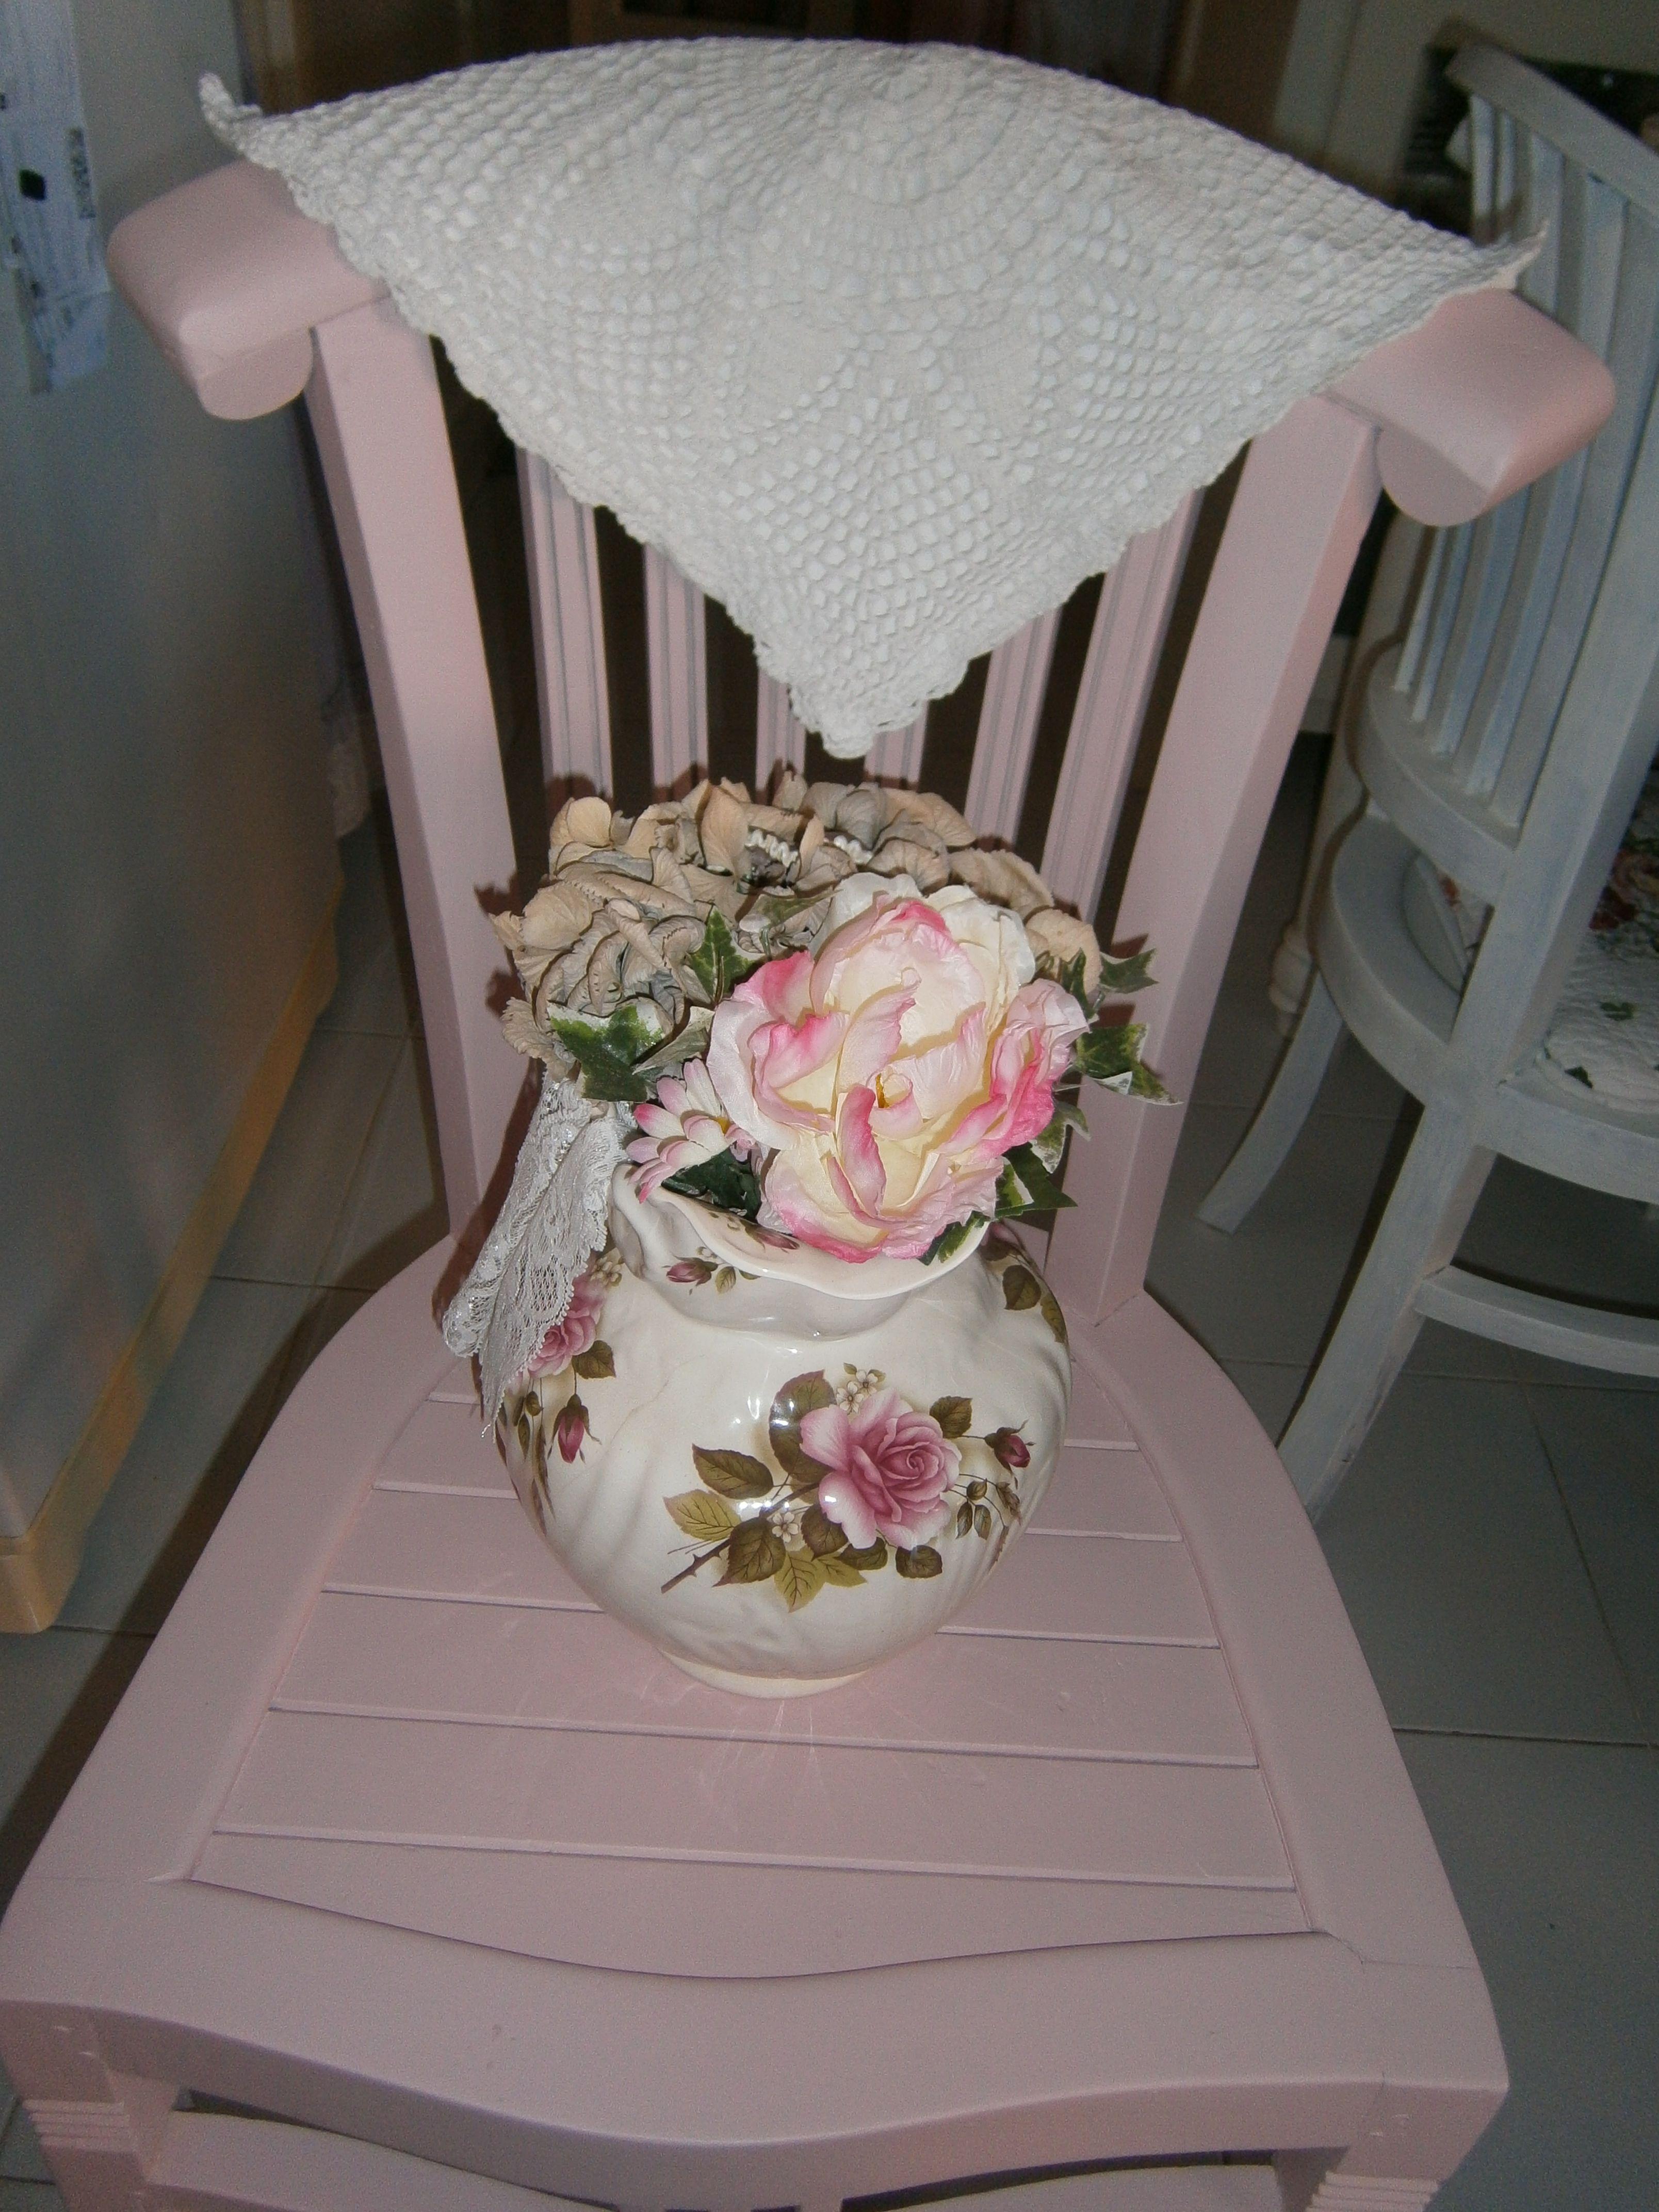 sedia rosa con brocca con fiori